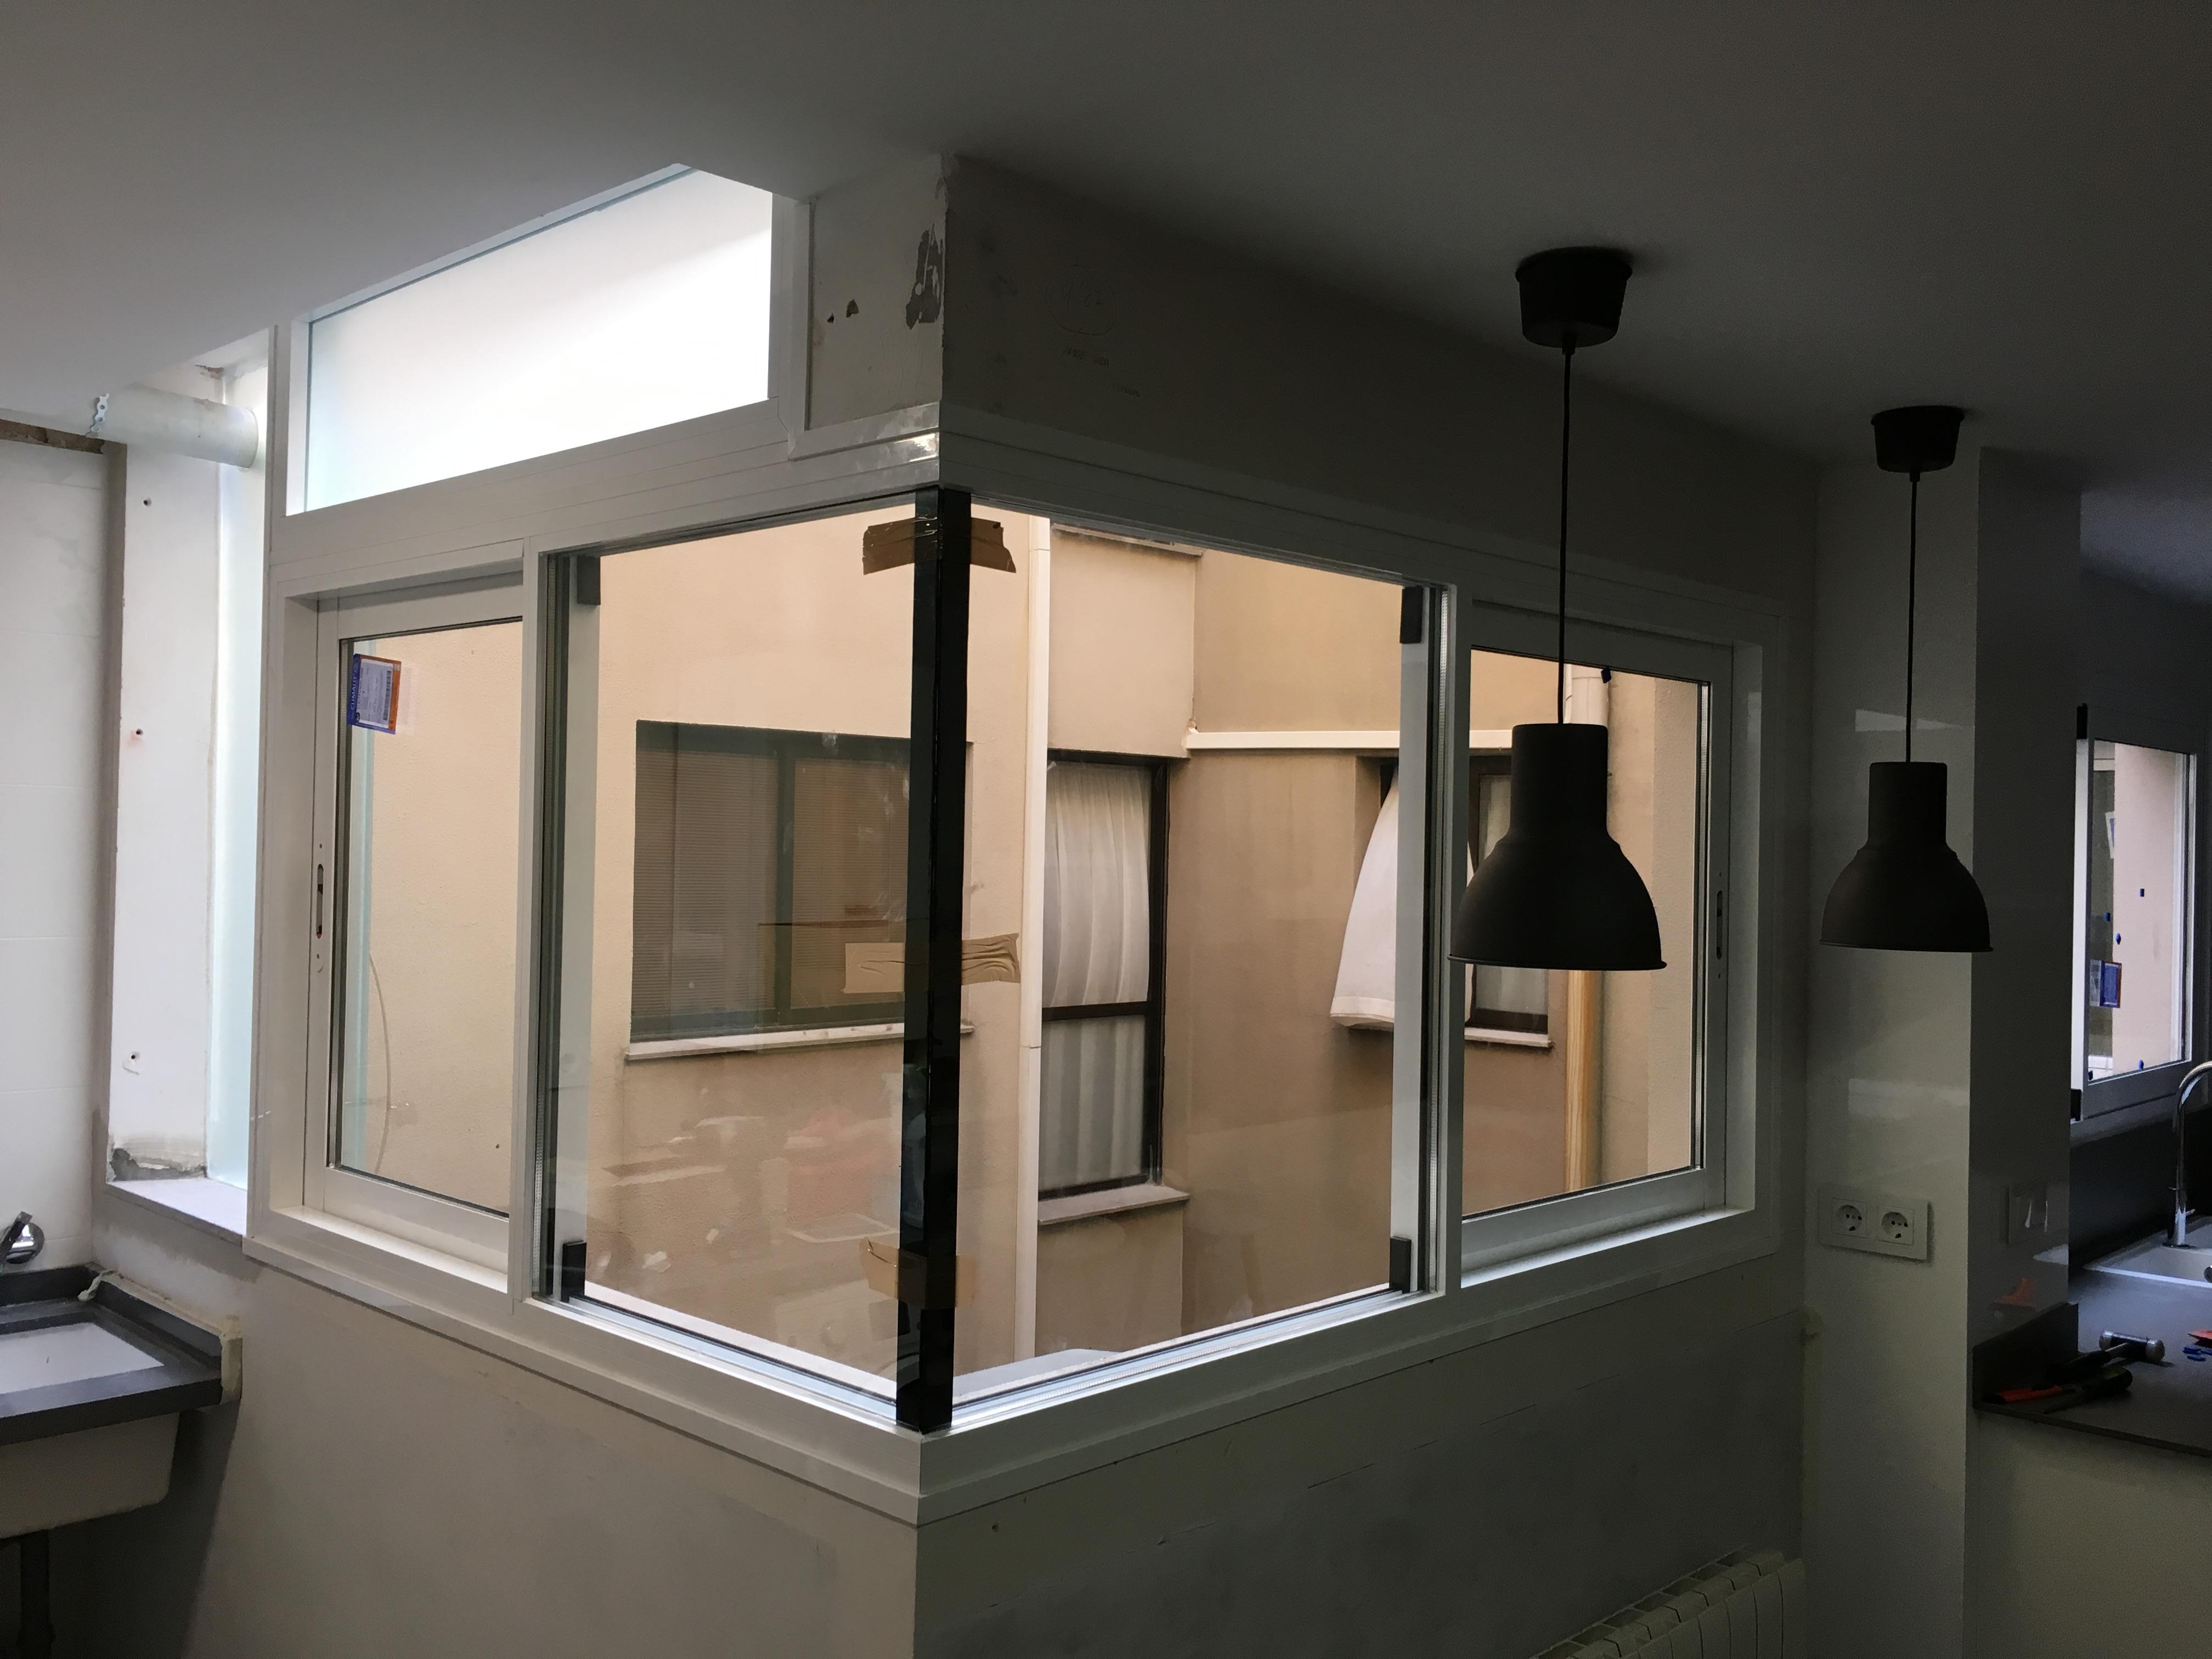 Ventanas pvc y aluminio valencia ventanas de aluminio - Ventanas aluminio valencia ...